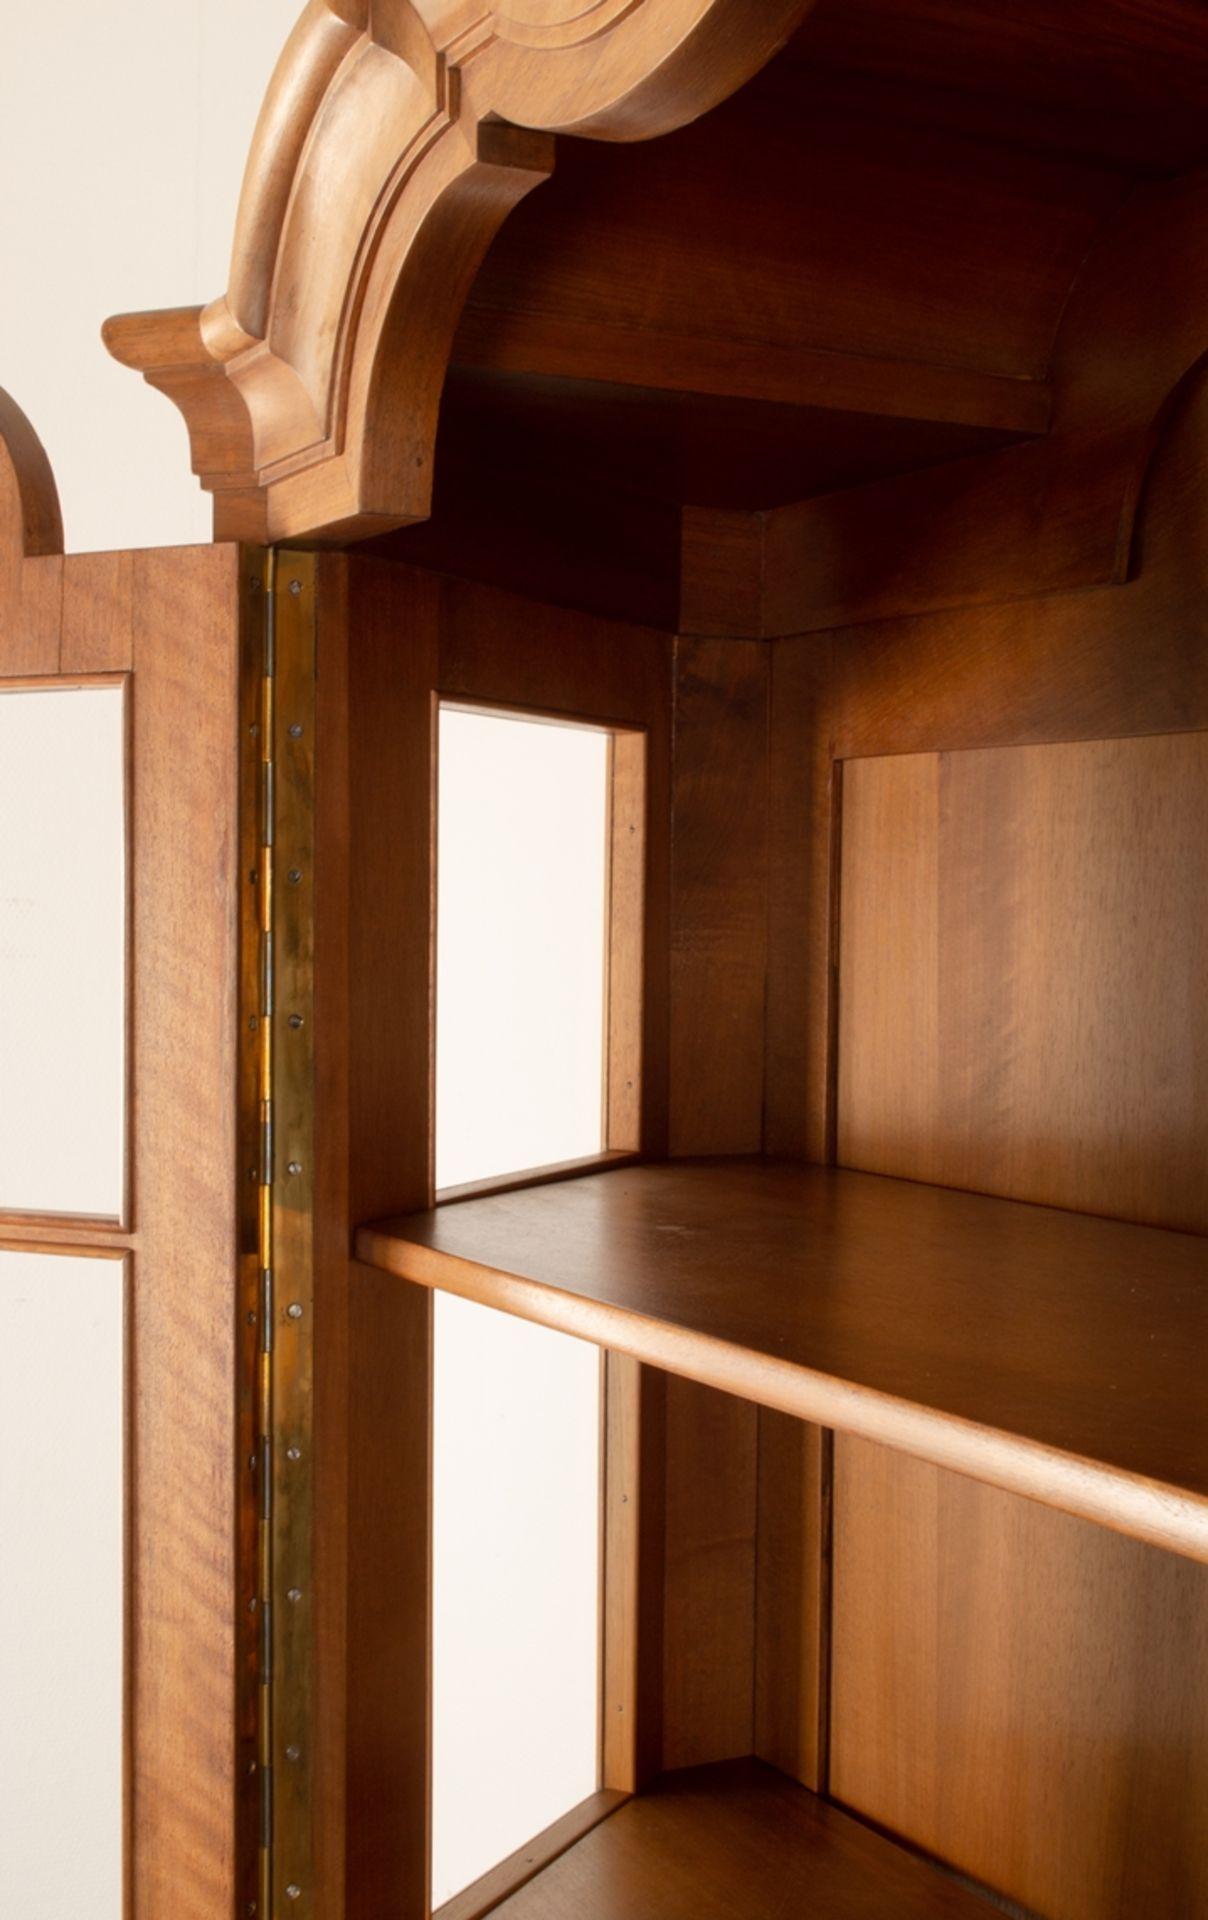 Großer, zweitüriger Bücherschrank, Barockstil, 2. Drittel 20. Jhd., Nussbaum massiv & furniert, - Bild 3 aus 10